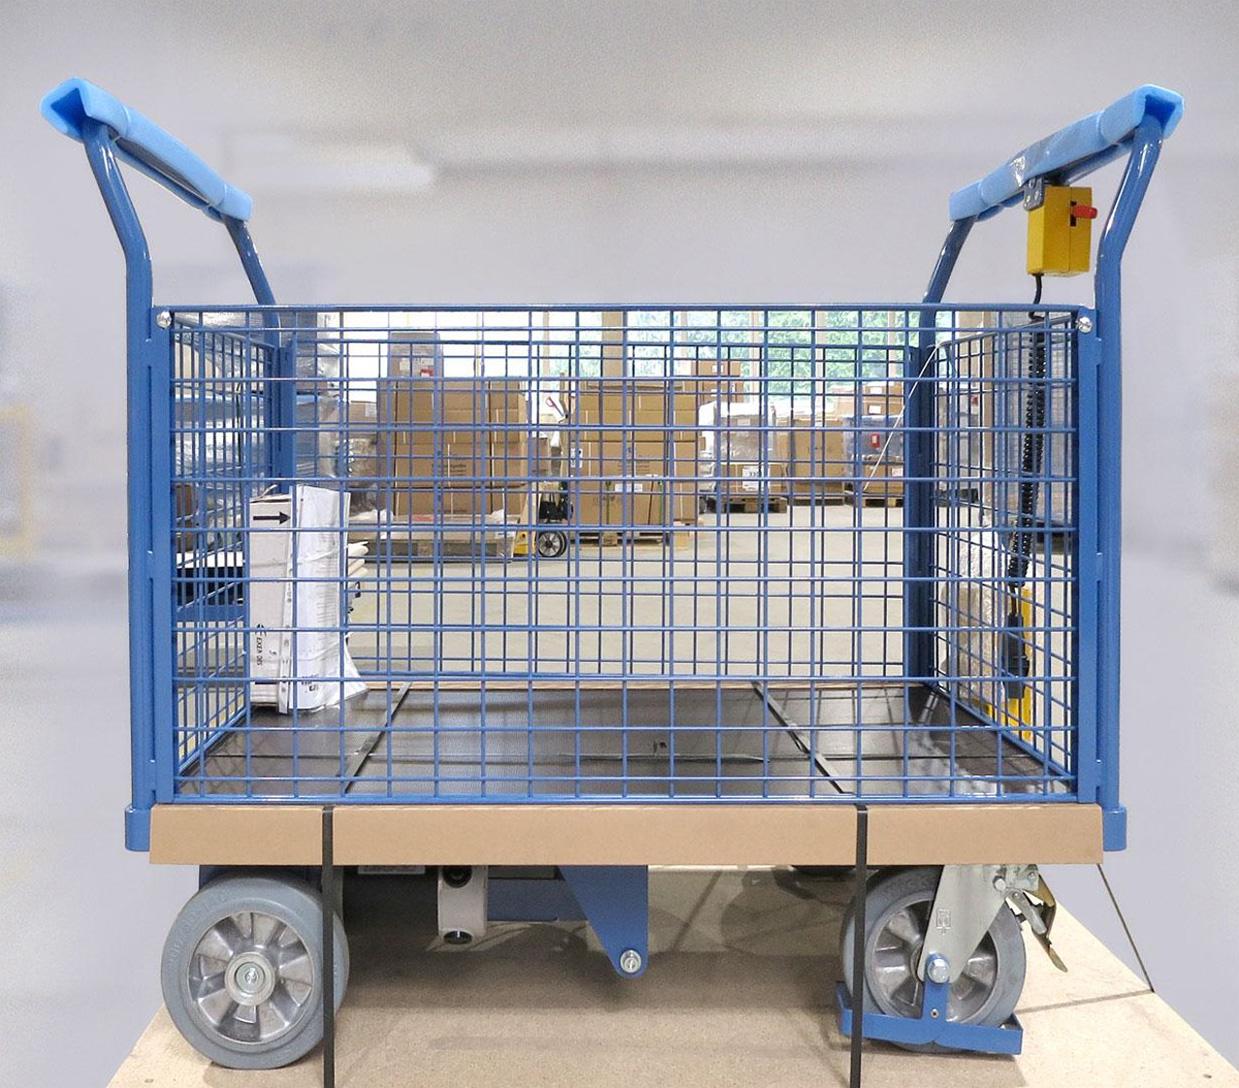 Gitterwandwagen im Industrieeinsatz mit Elektrofahrantrieb